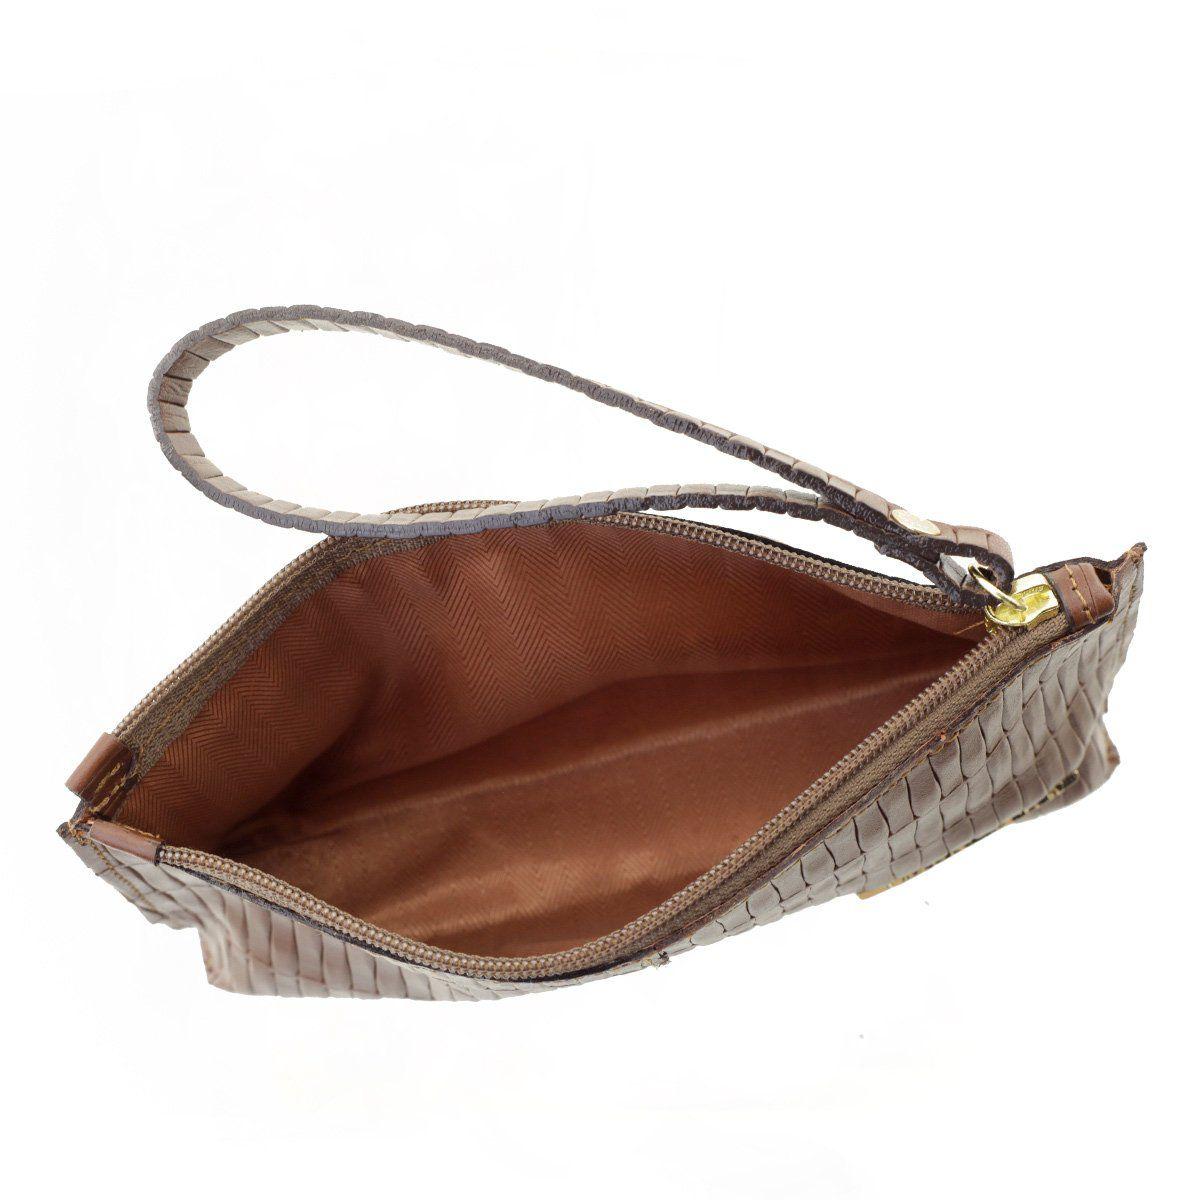 Bolsa de Mão ou Necessaire com Alça Tresse Chocolate